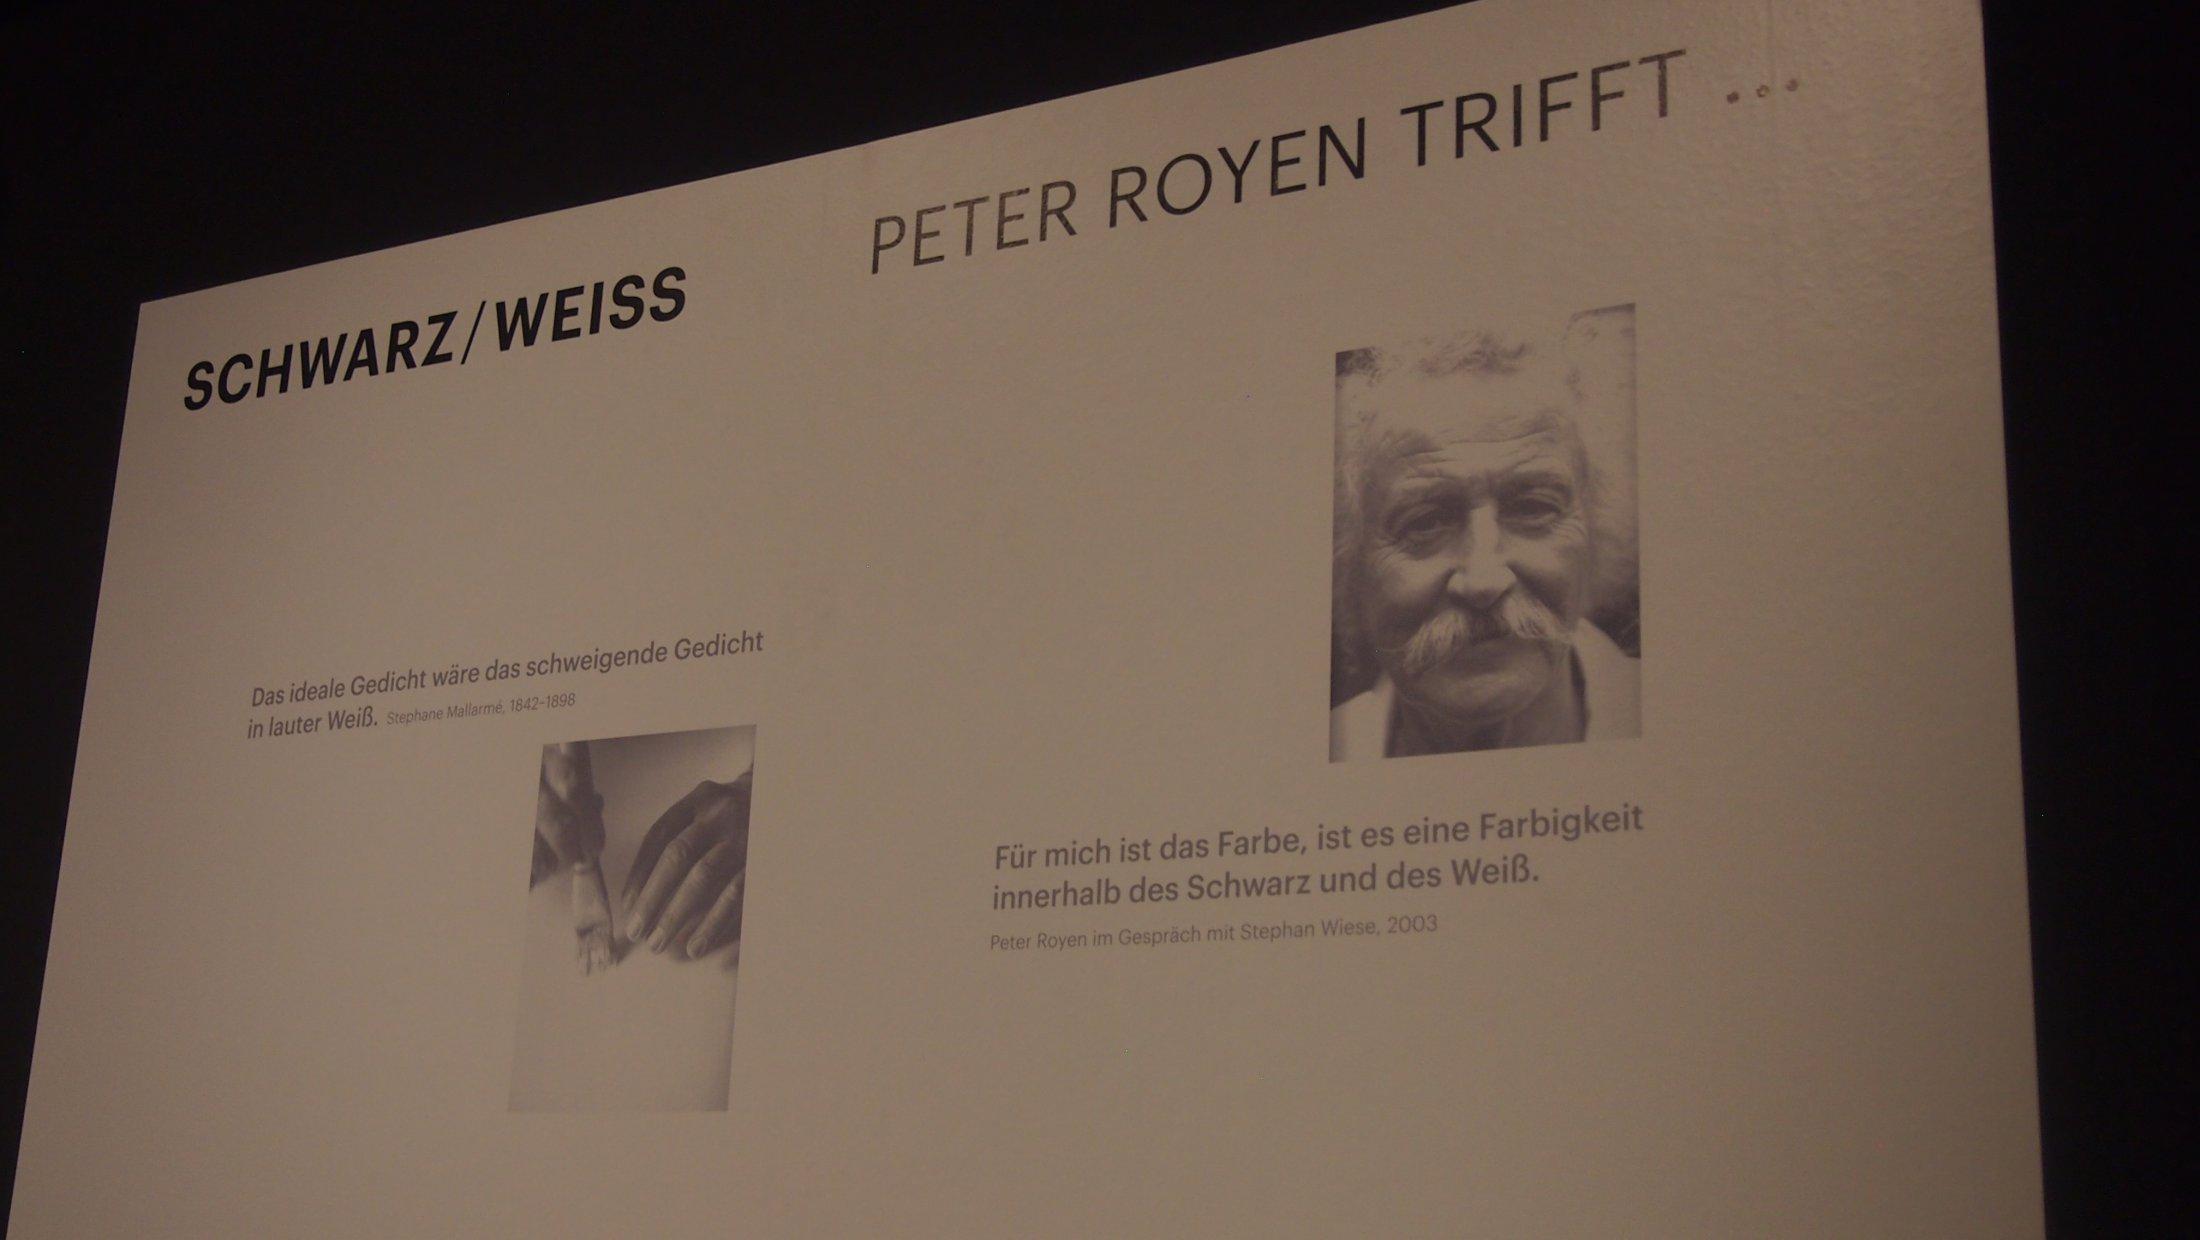 """Peter Royen trifft... """"Schwarz/Weiß"""""""